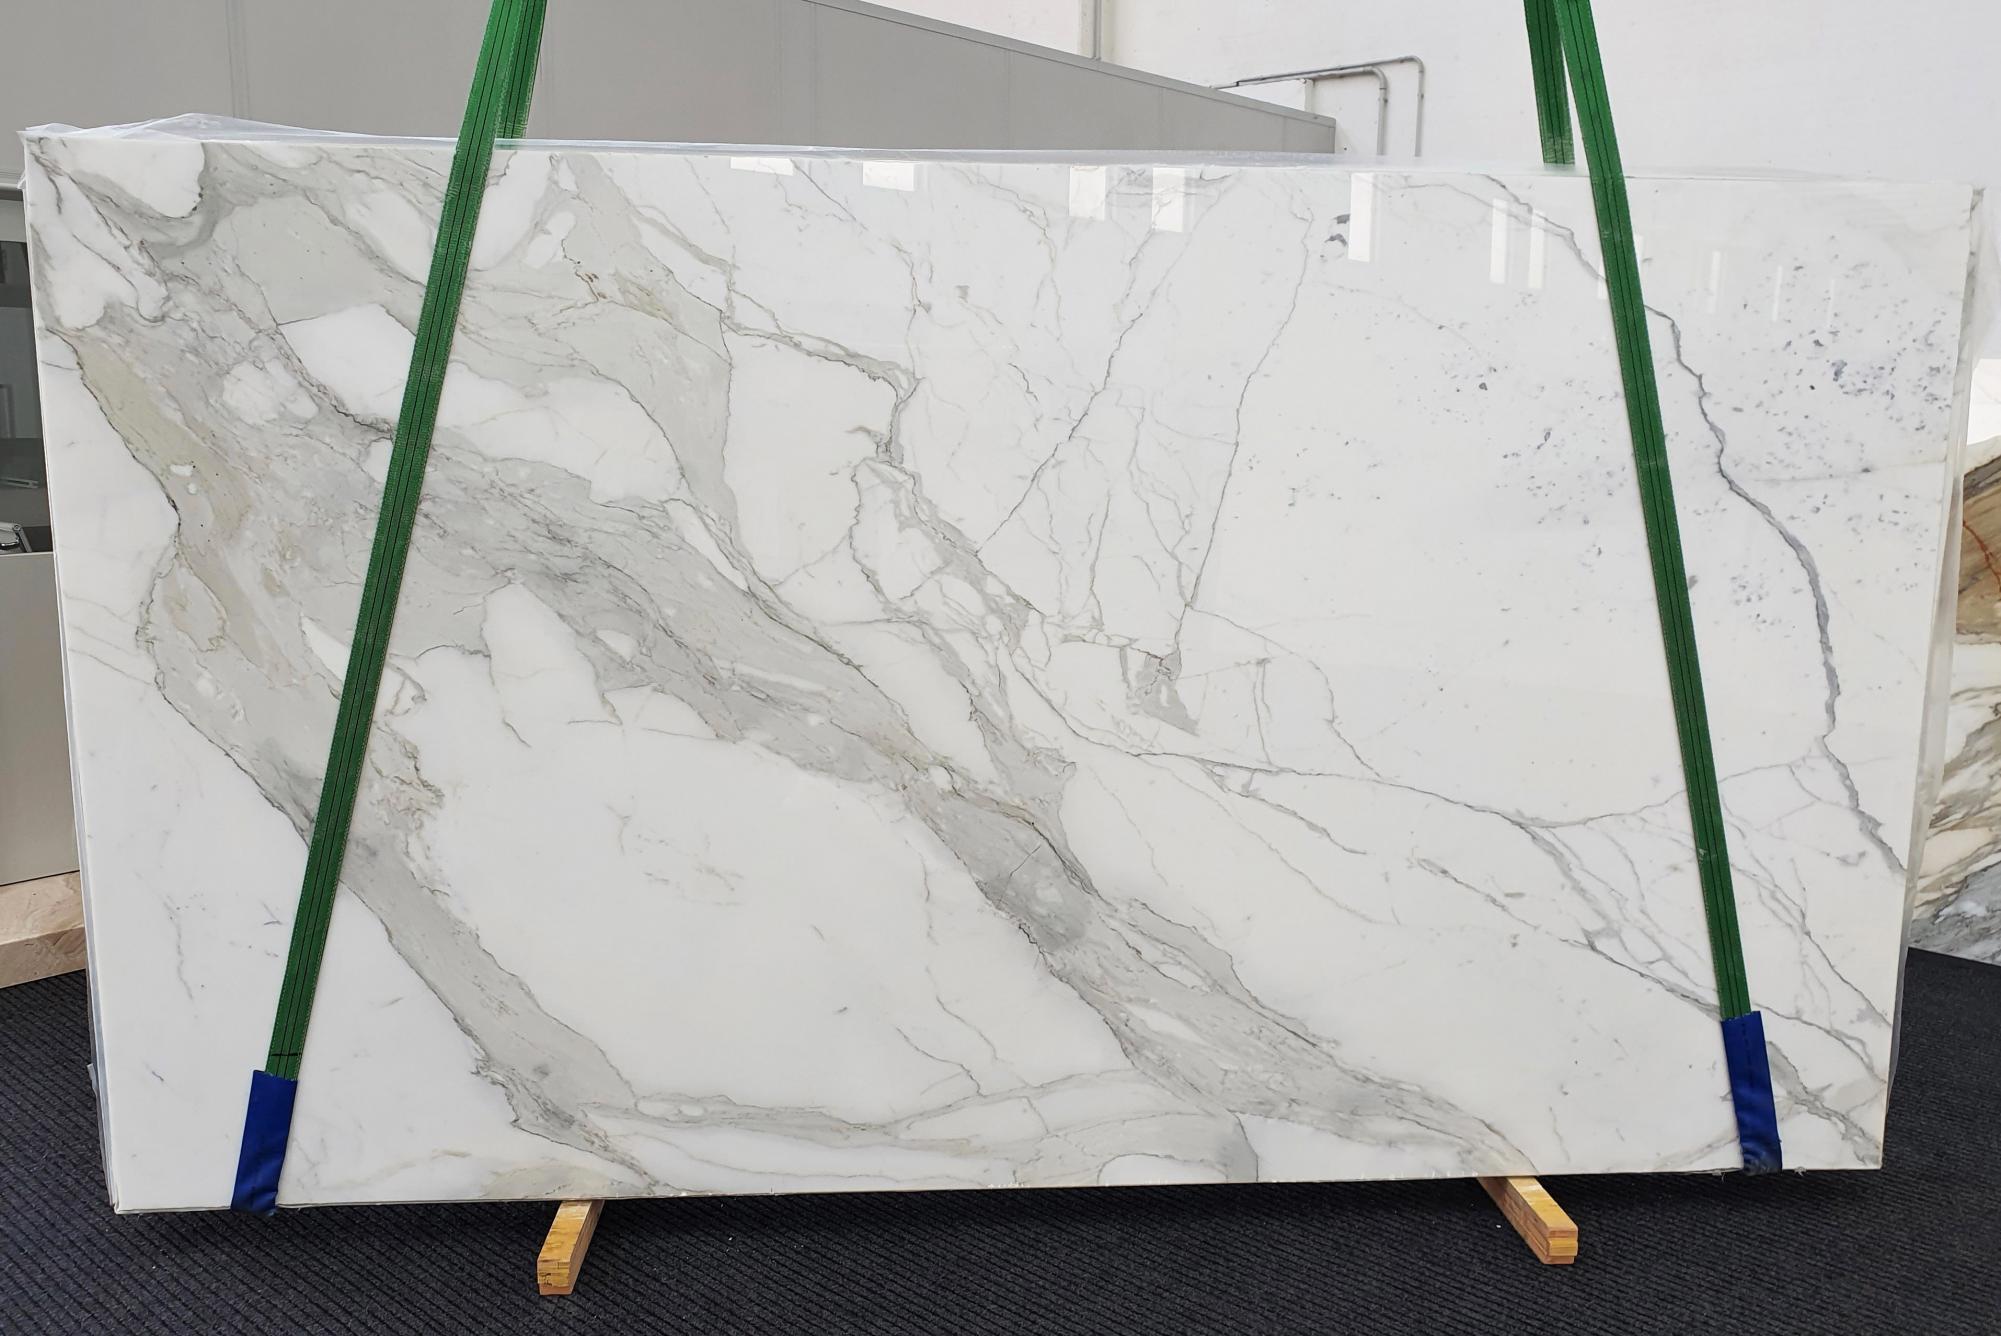 CALACATTA ORO EXTRA Supply Veneto (Italy) polished slabs 1366 , Slab #52 natural marble